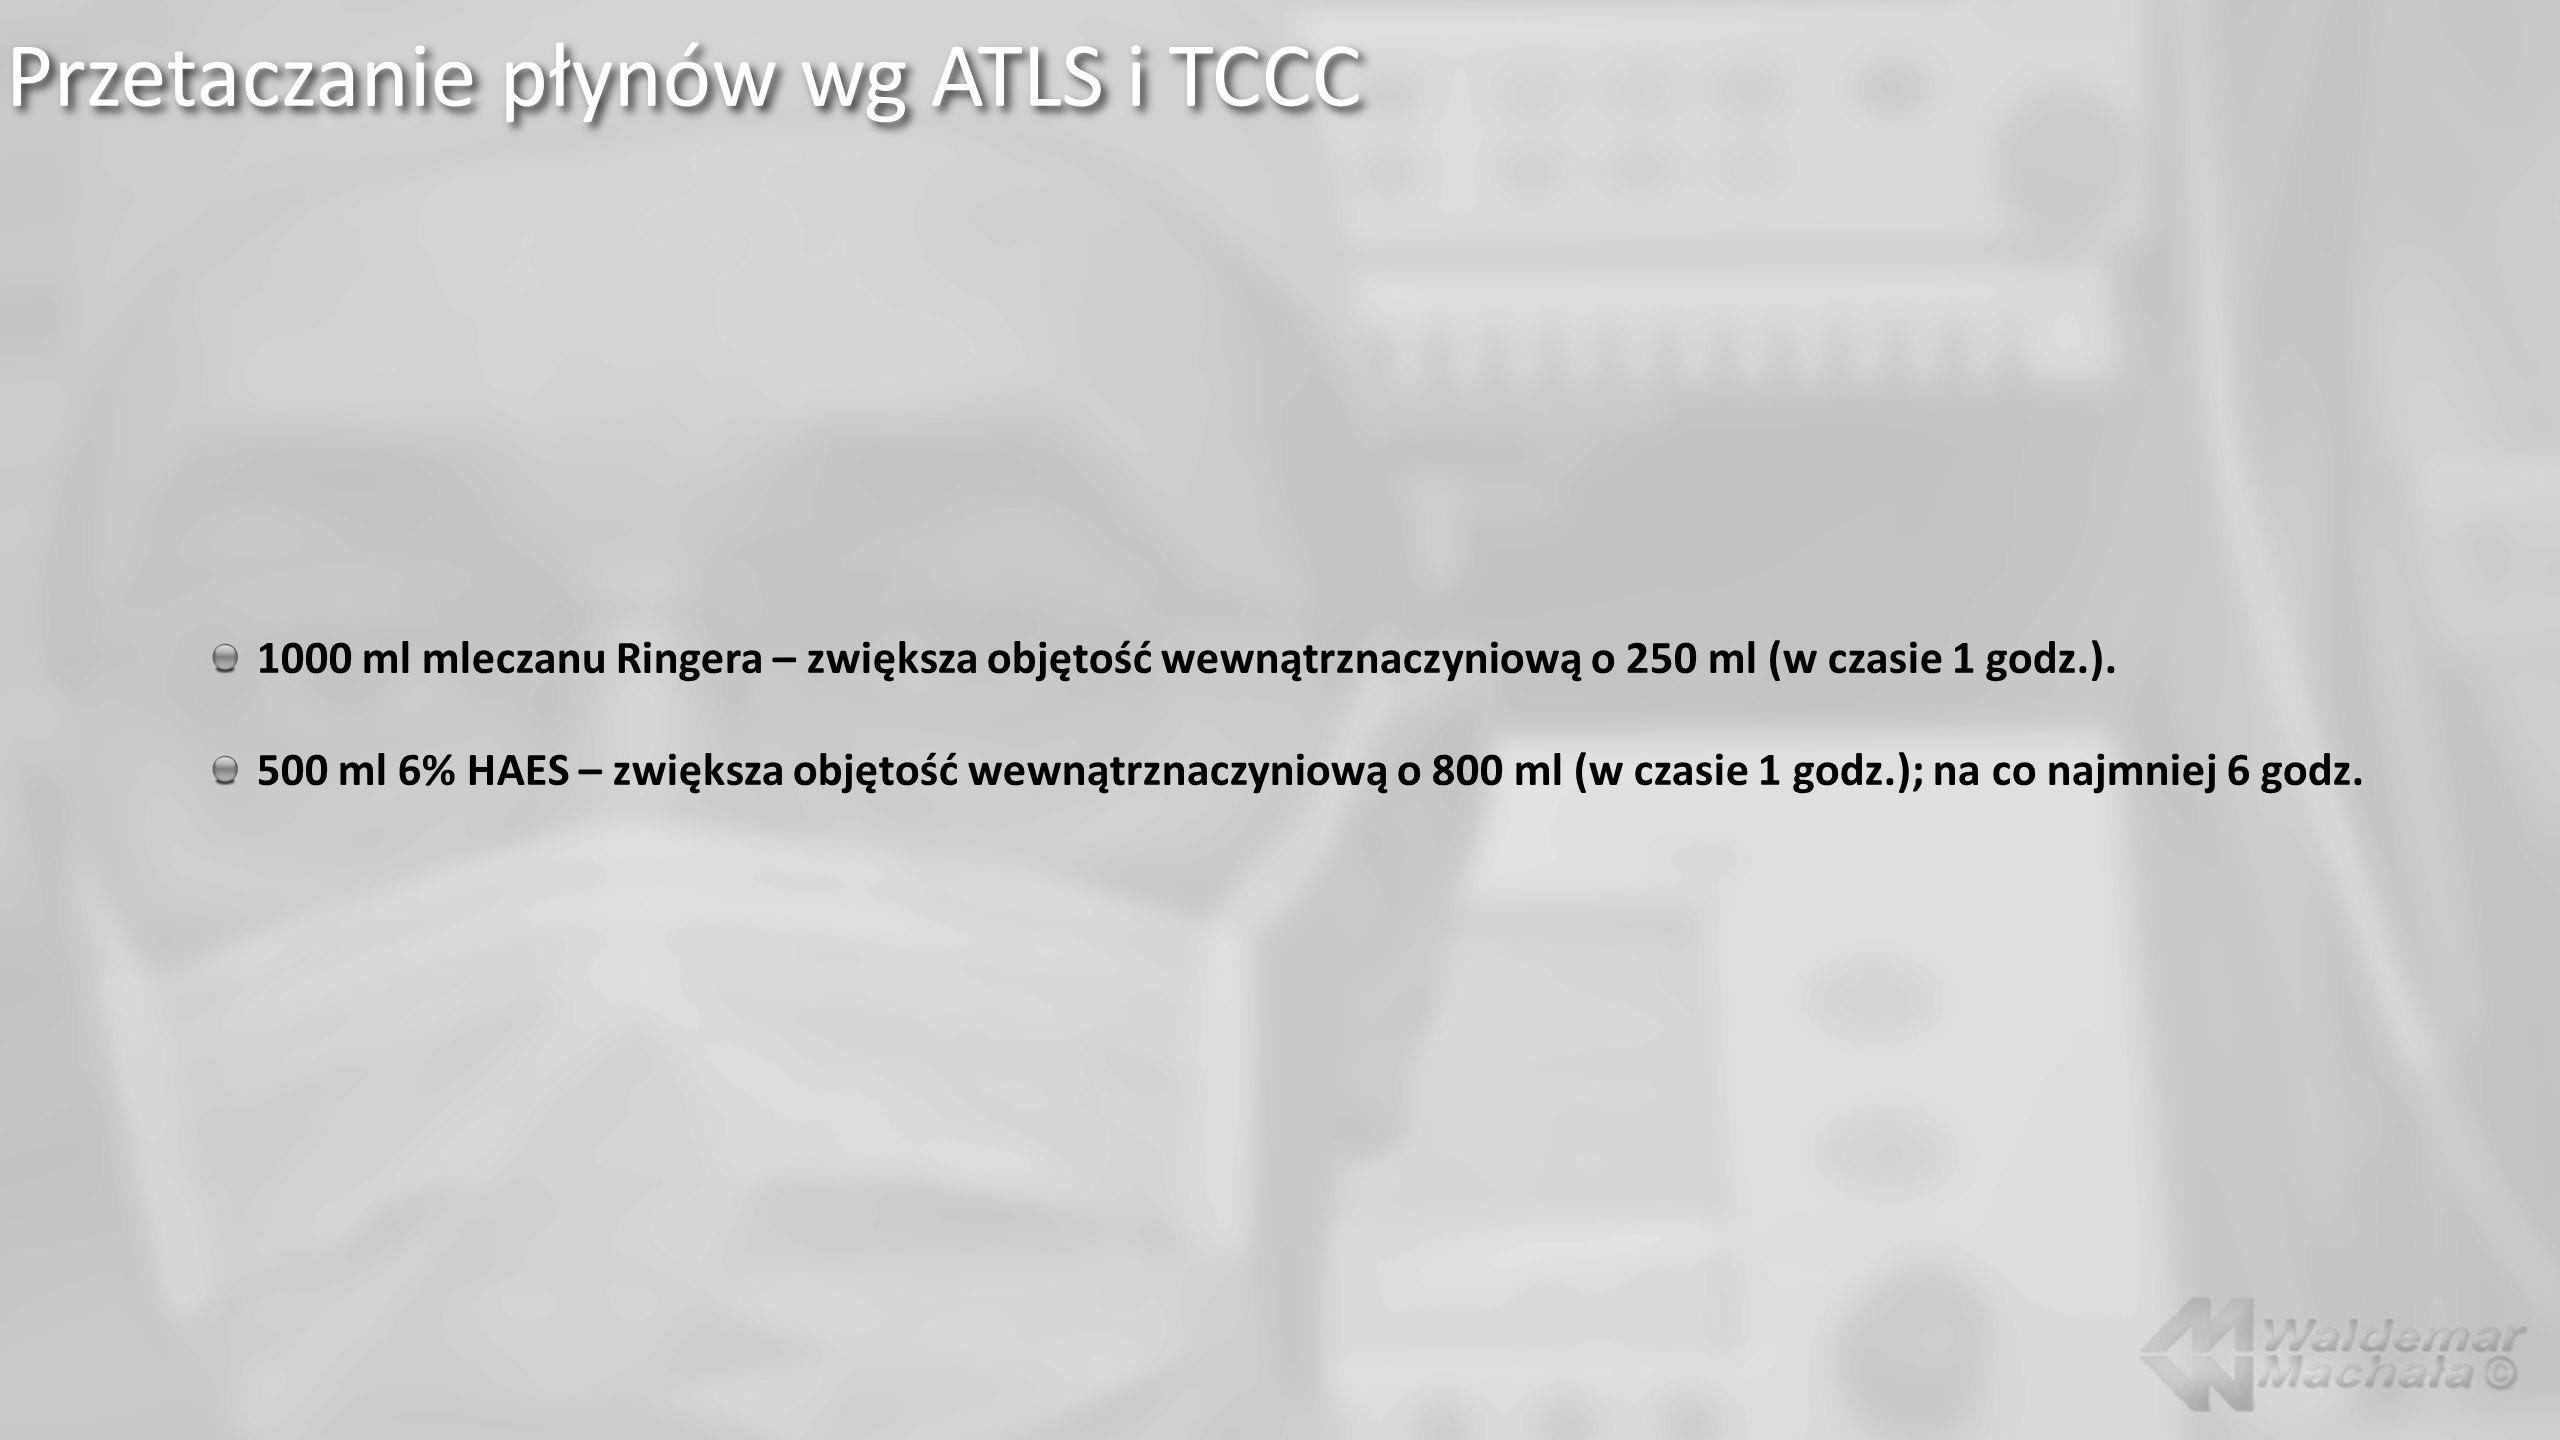 Przetaczanie płynów wg ATLS i TCCC 1000 ml mleczanu Ringera – zwiększa objętość wewnątrznaczyniową o 250 ml (w czasie 1 godz.).